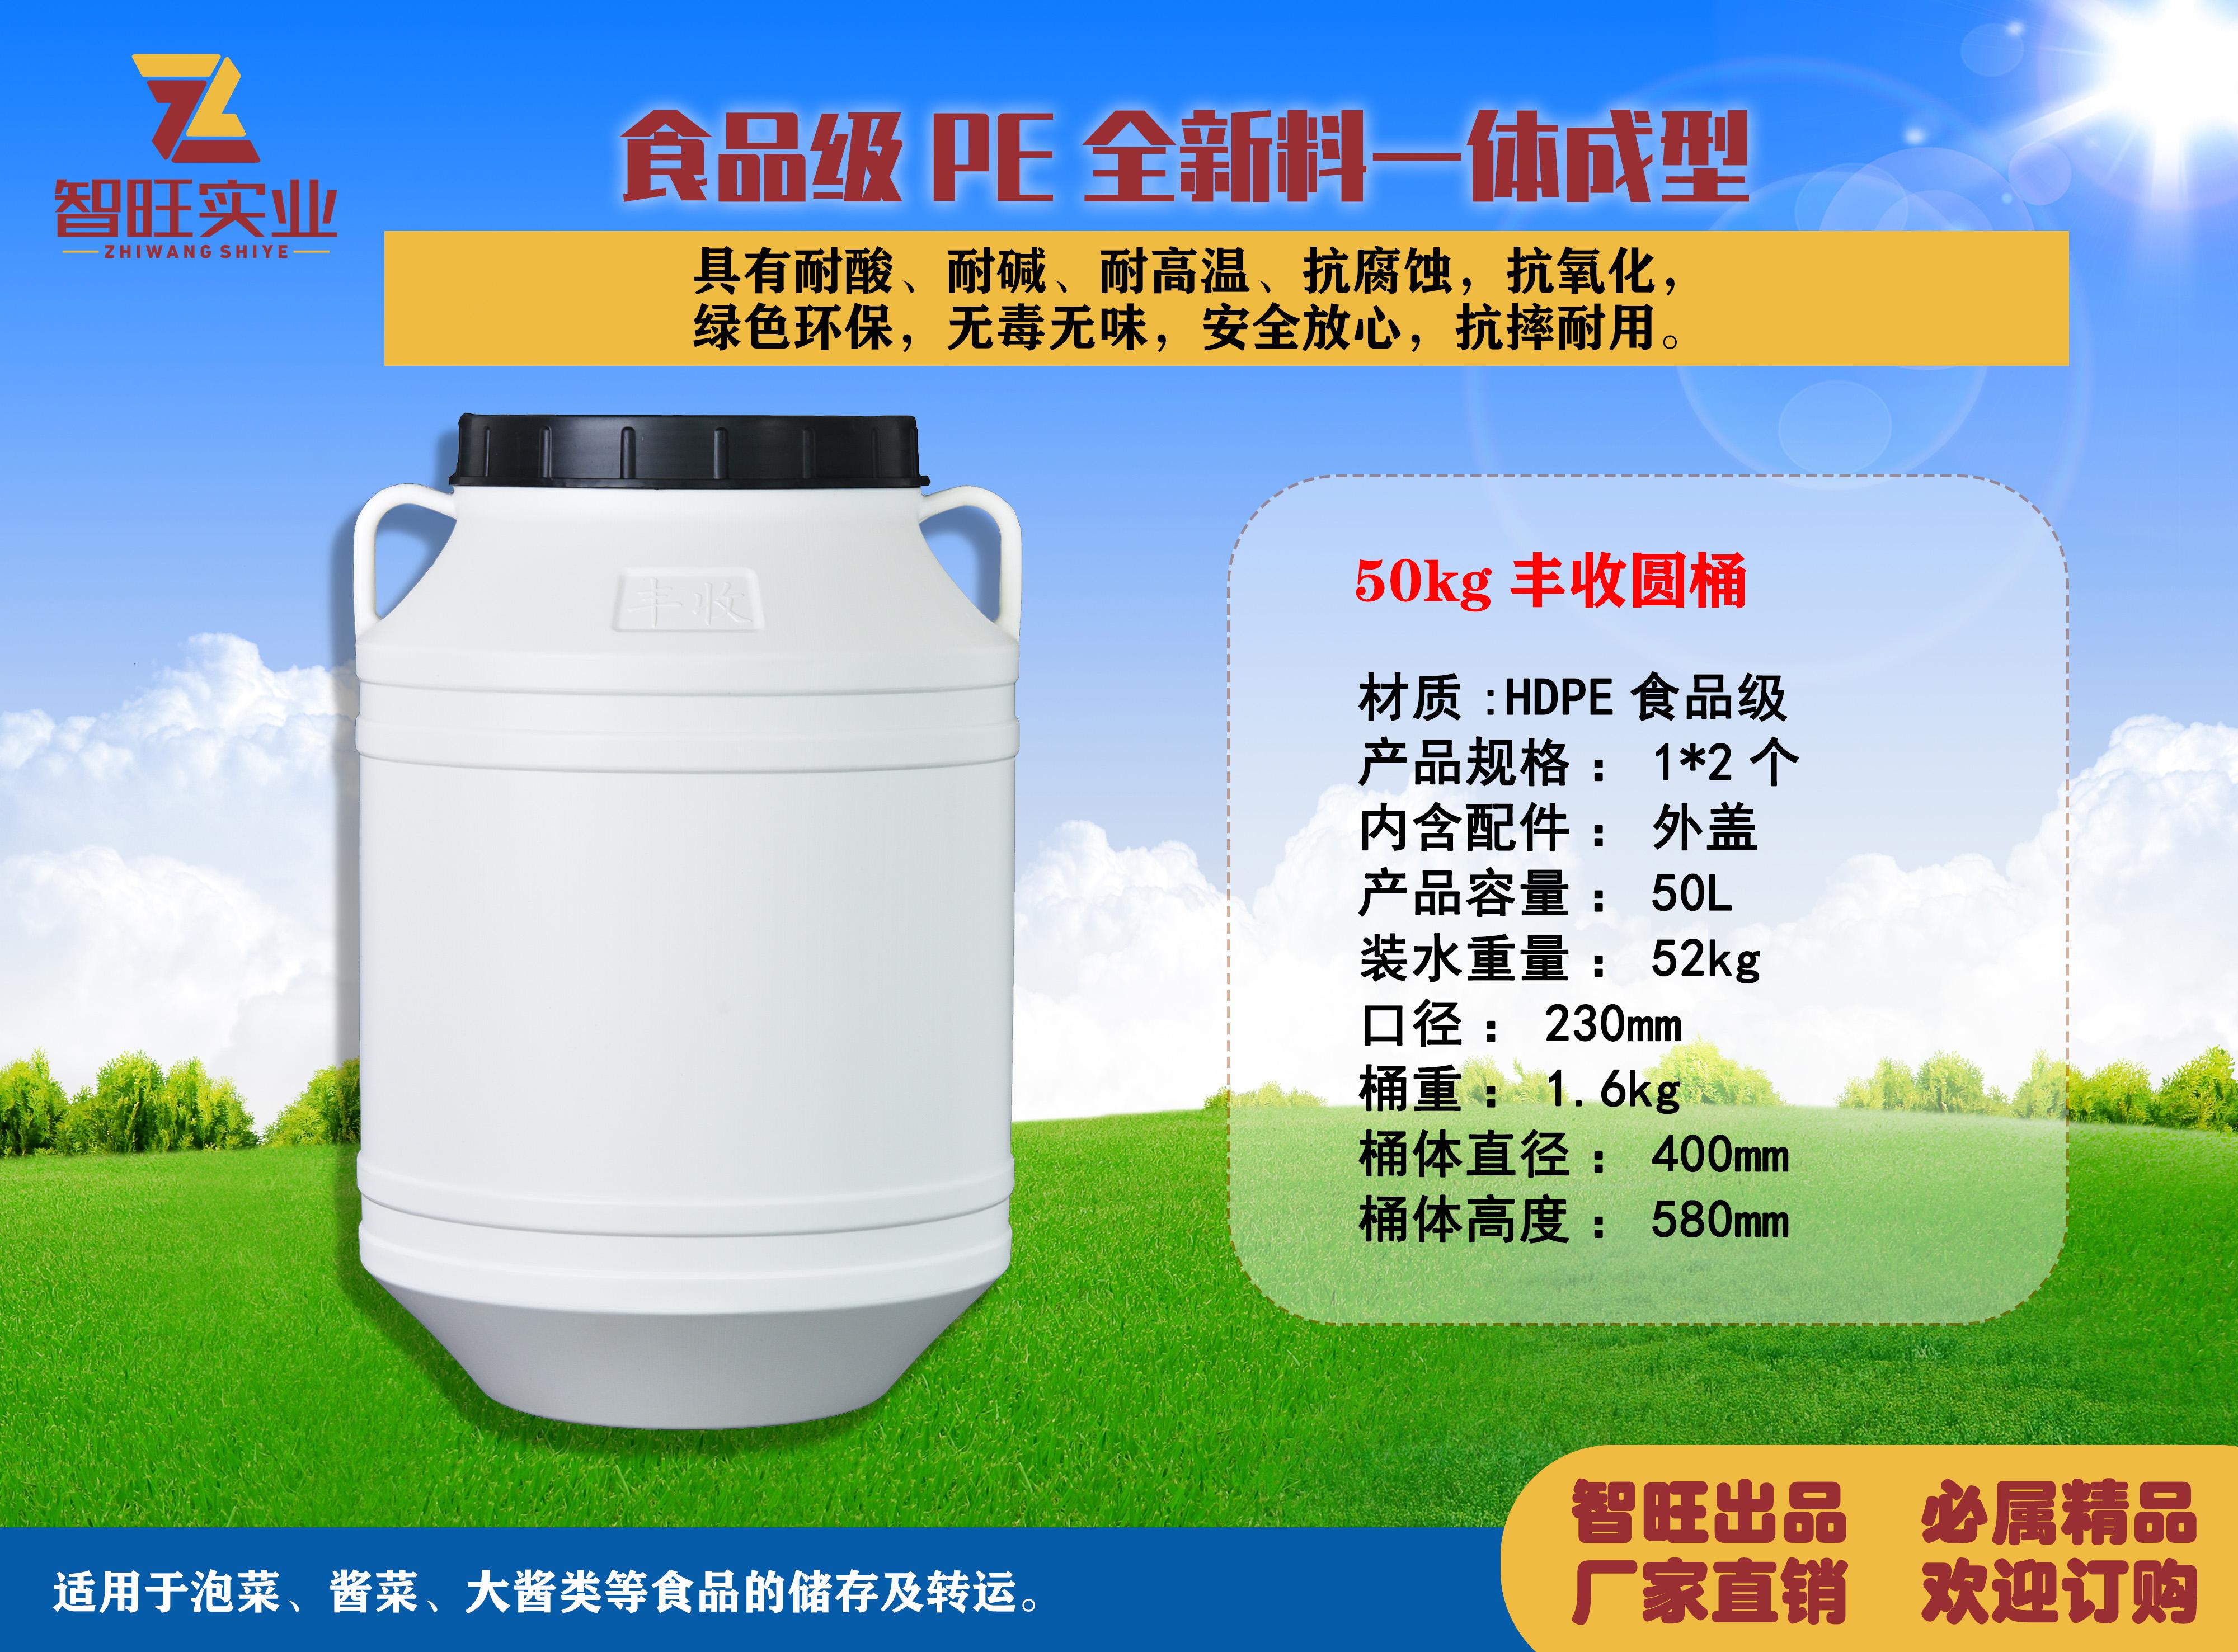 50kg豐收圓桶